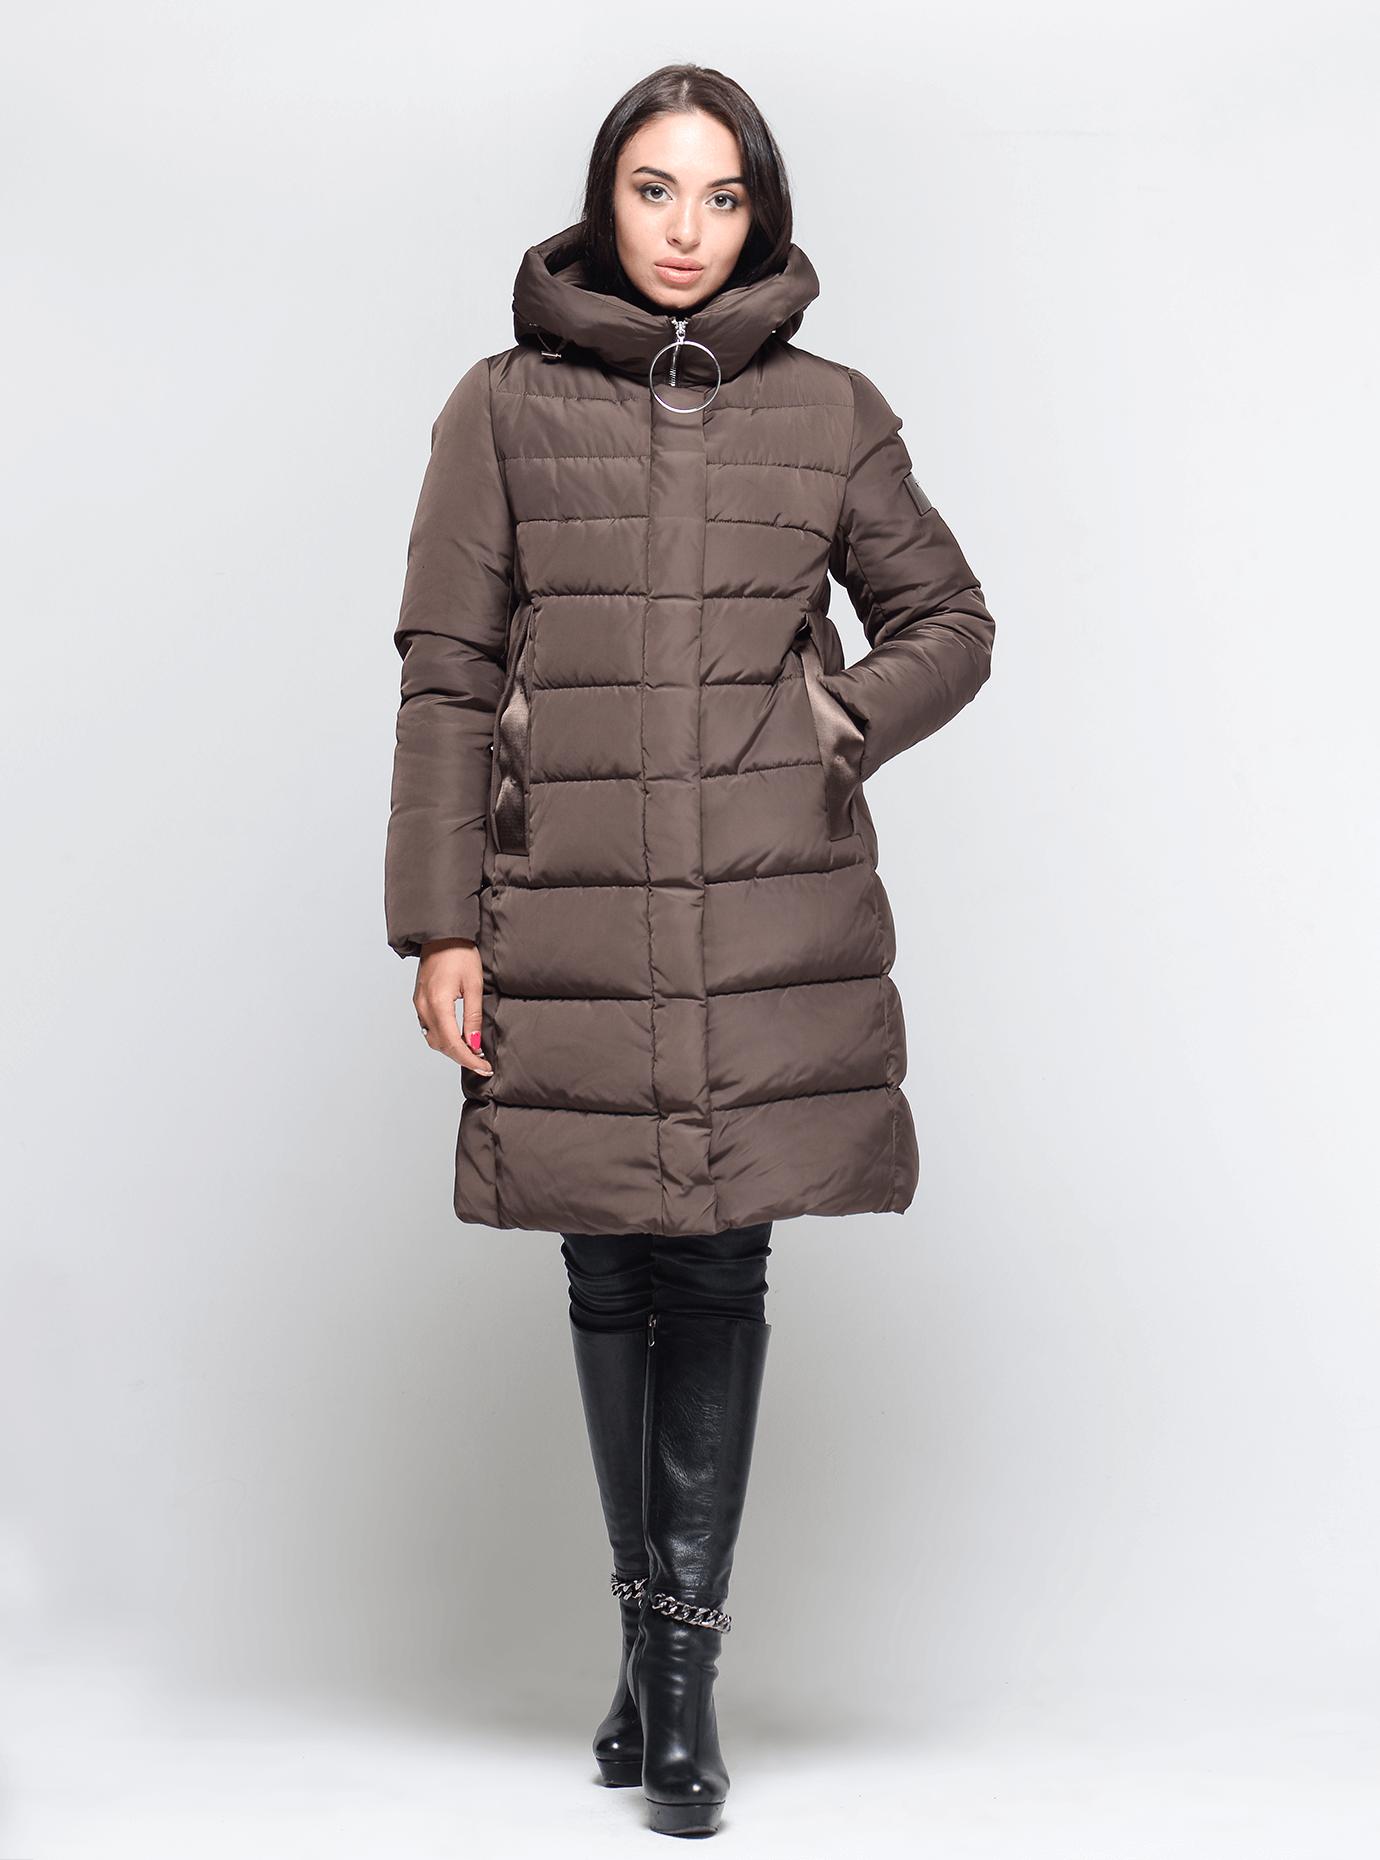 Зимняя женская куртка Коричневый M (02-190232): фото - Alster.ua